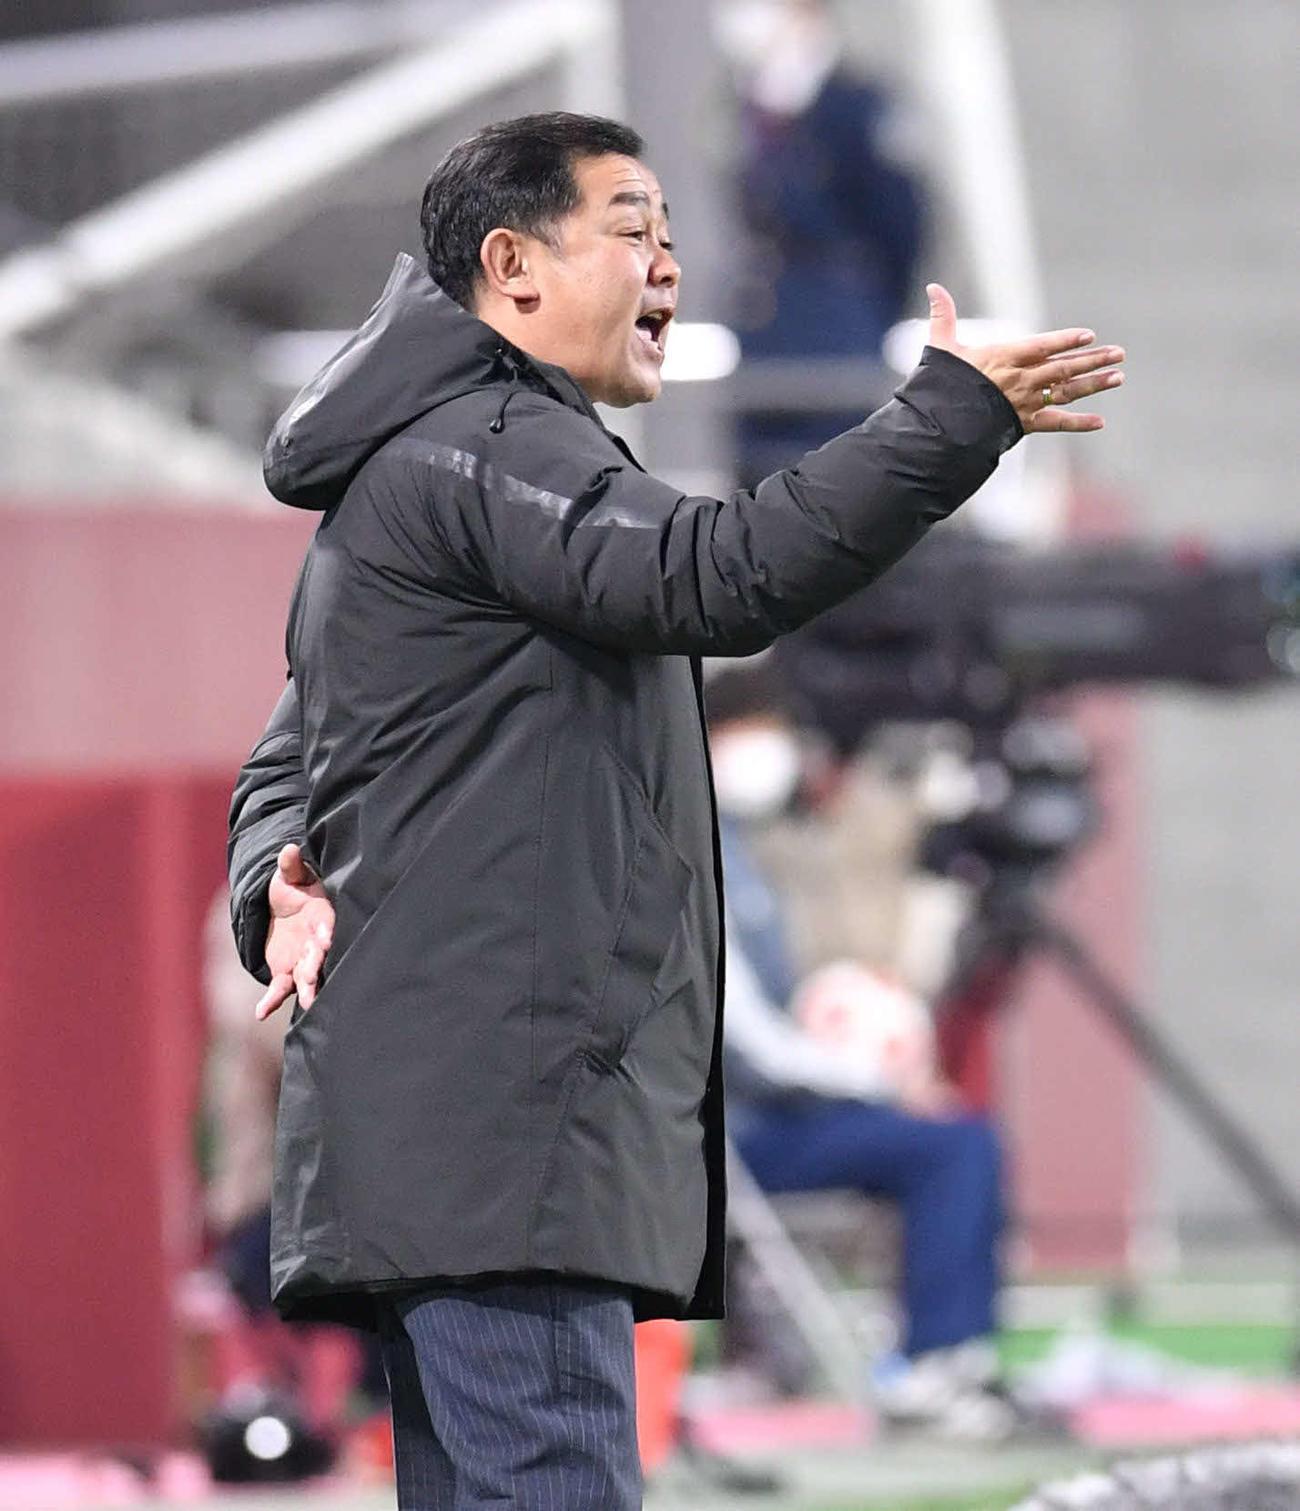 徳島対ホンダFC イレブンに指示を出すホンダFC・井幡監督(撮影・岩下翔太)